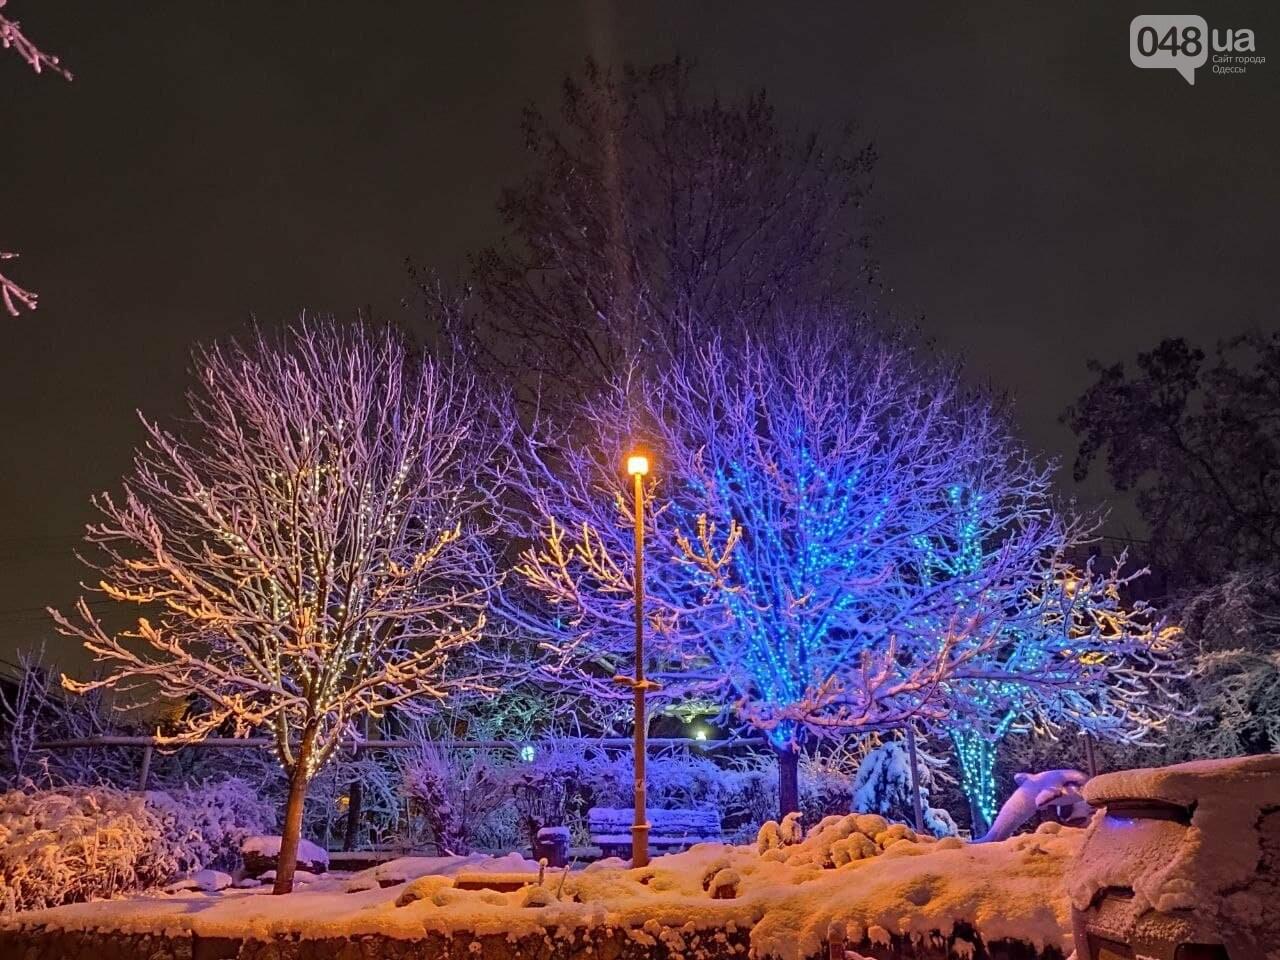 Зимняя сказка на одесской Рублевке: как выглядит Совиньон в снегу, - ФОТОРЕПОРТАЖ, фото-3